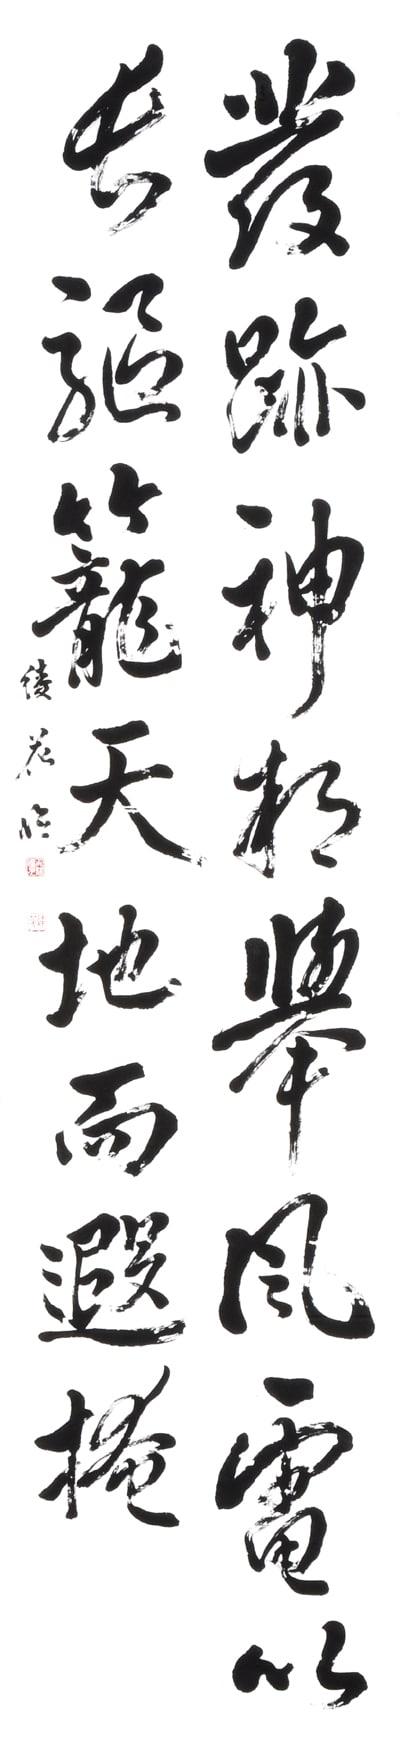 小林綾花2019全書芸展作品画像